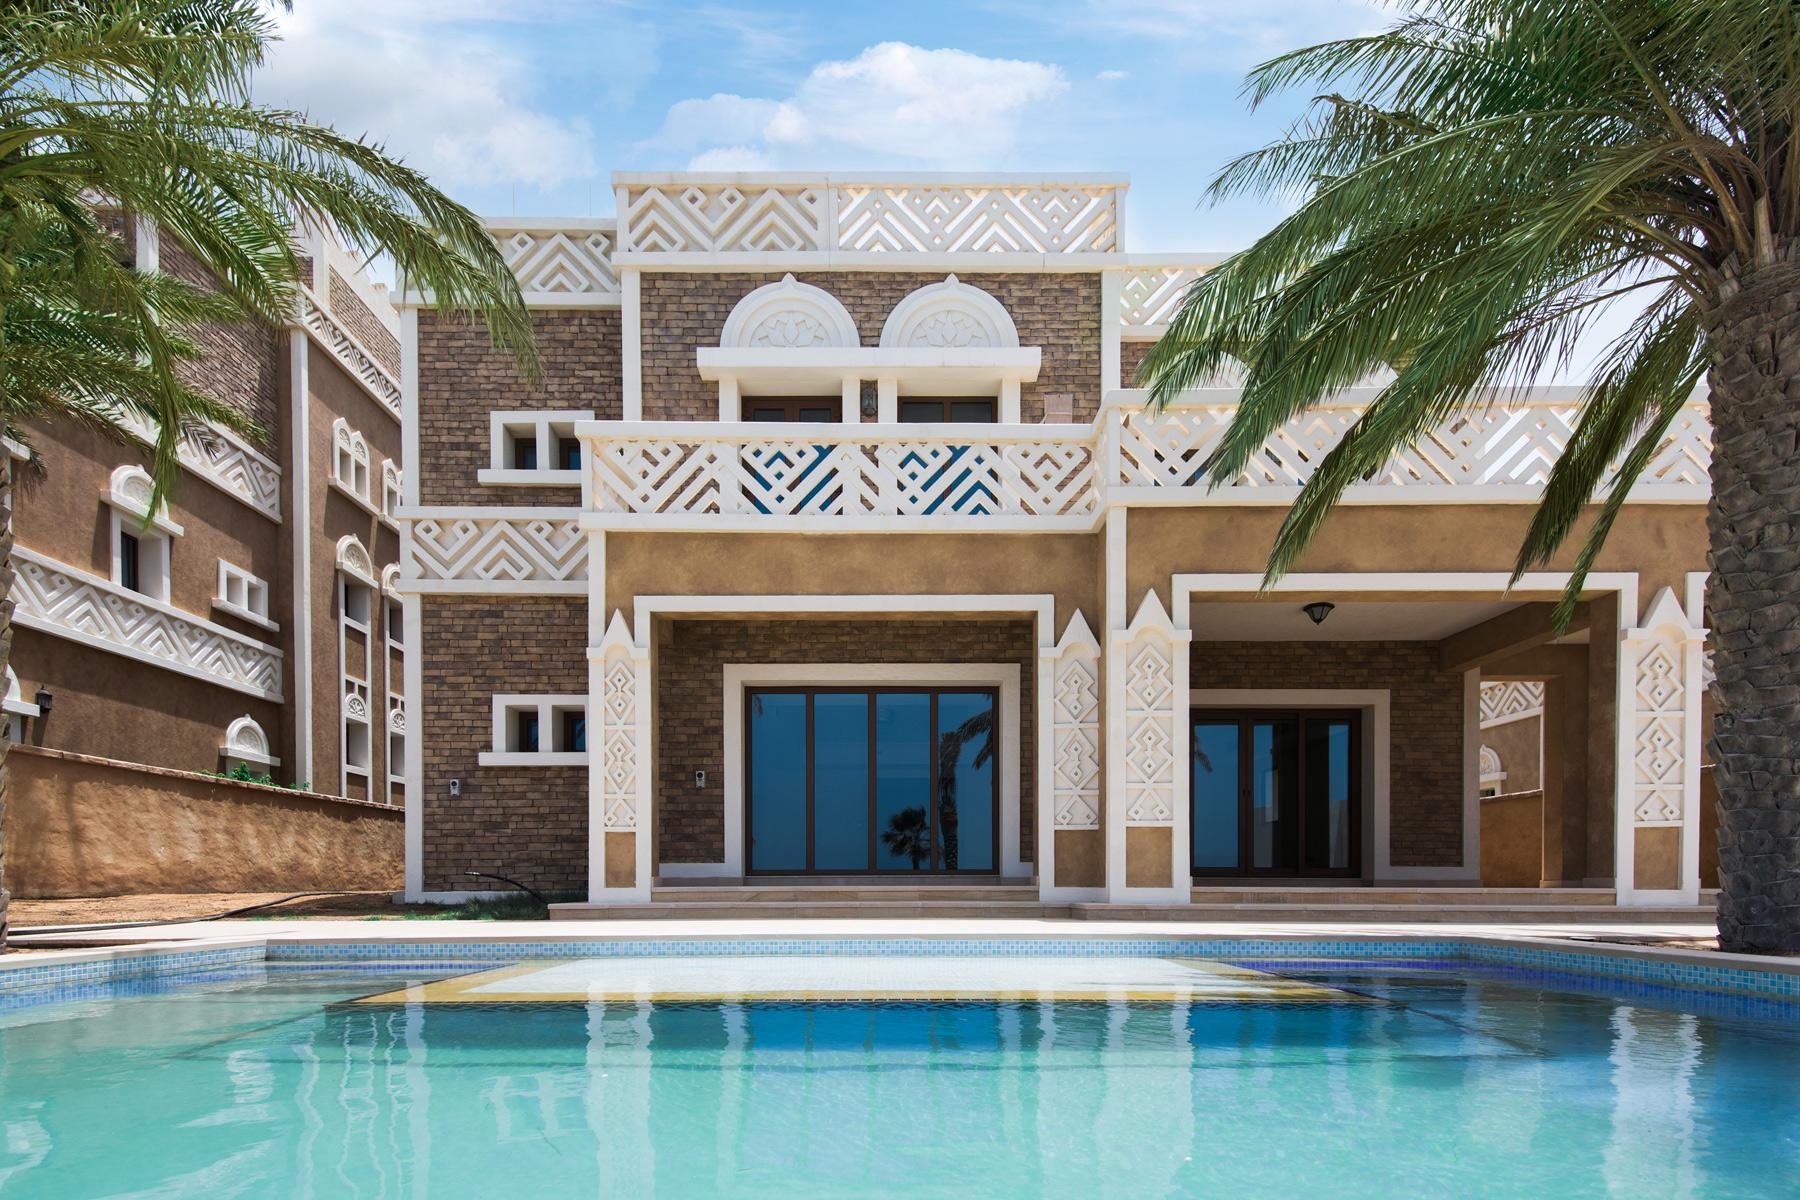 Другая жилая недвижимость для того Продажа на Brand New Beachfront Villa Dubai, Объединенные Арабские Эмираты